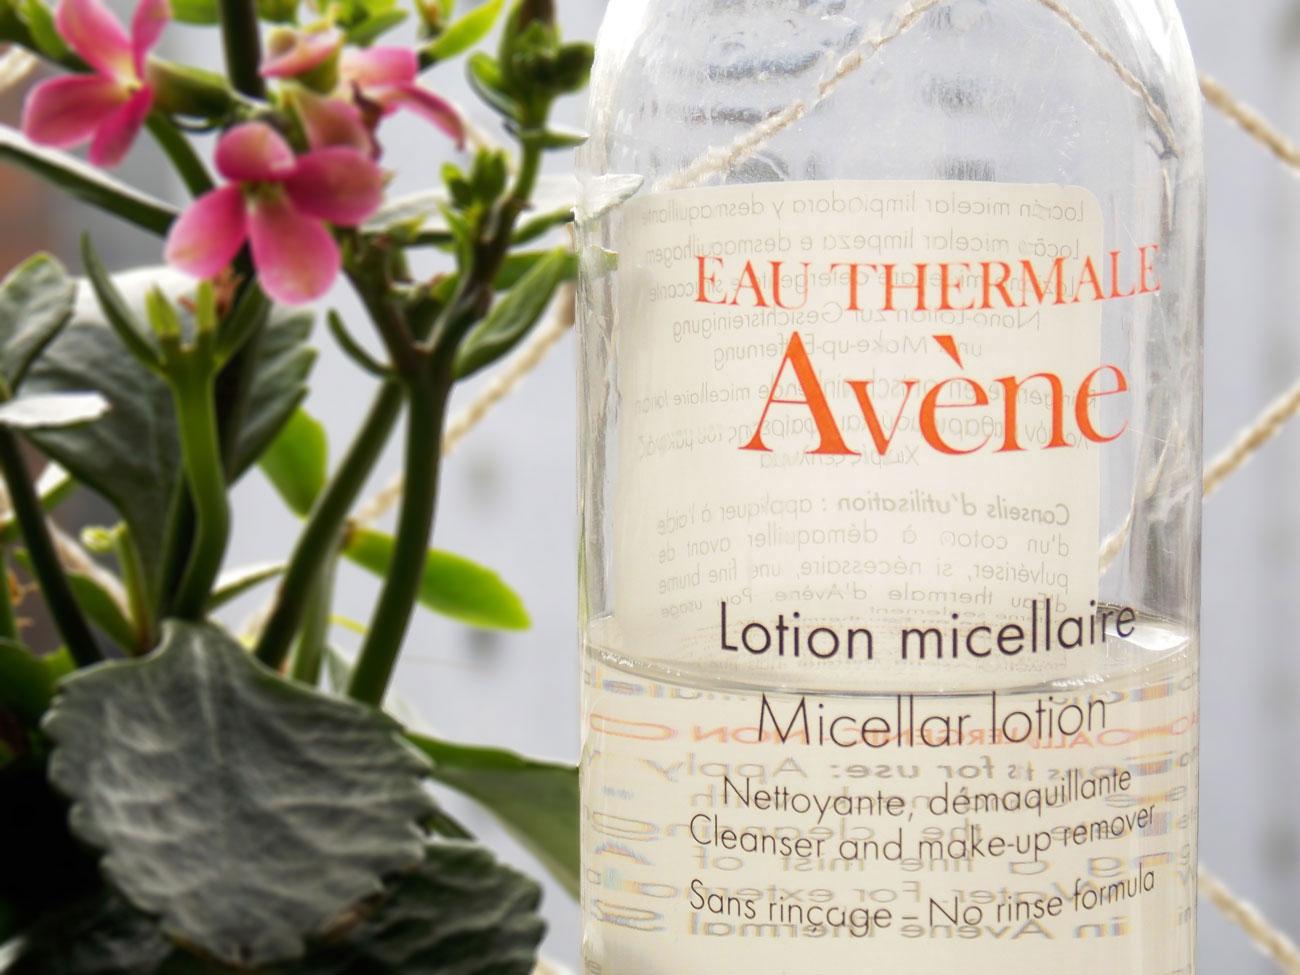 Avène micellar lotion review